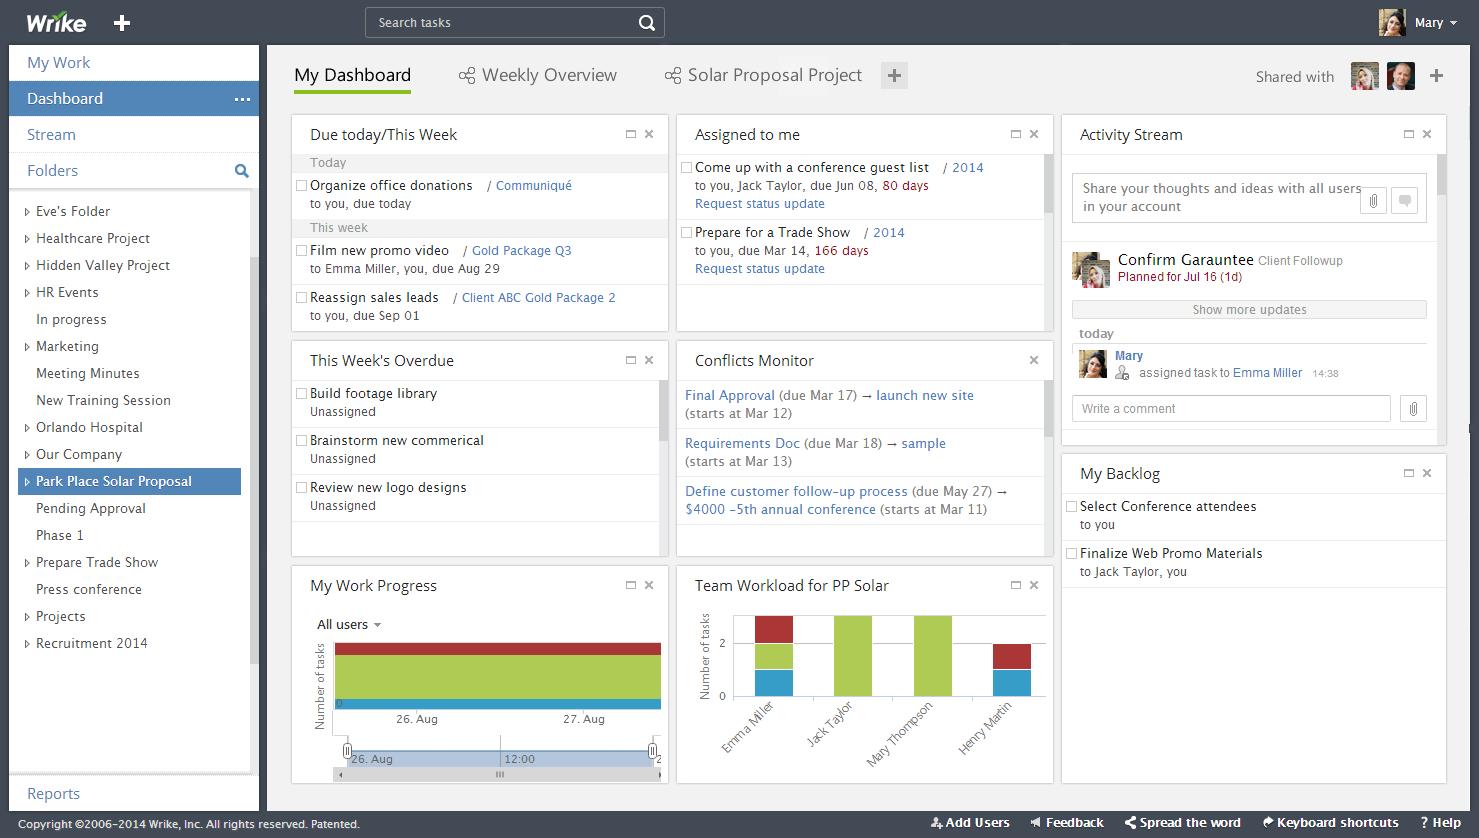 Wrike herramienta de gestión de proyectos online